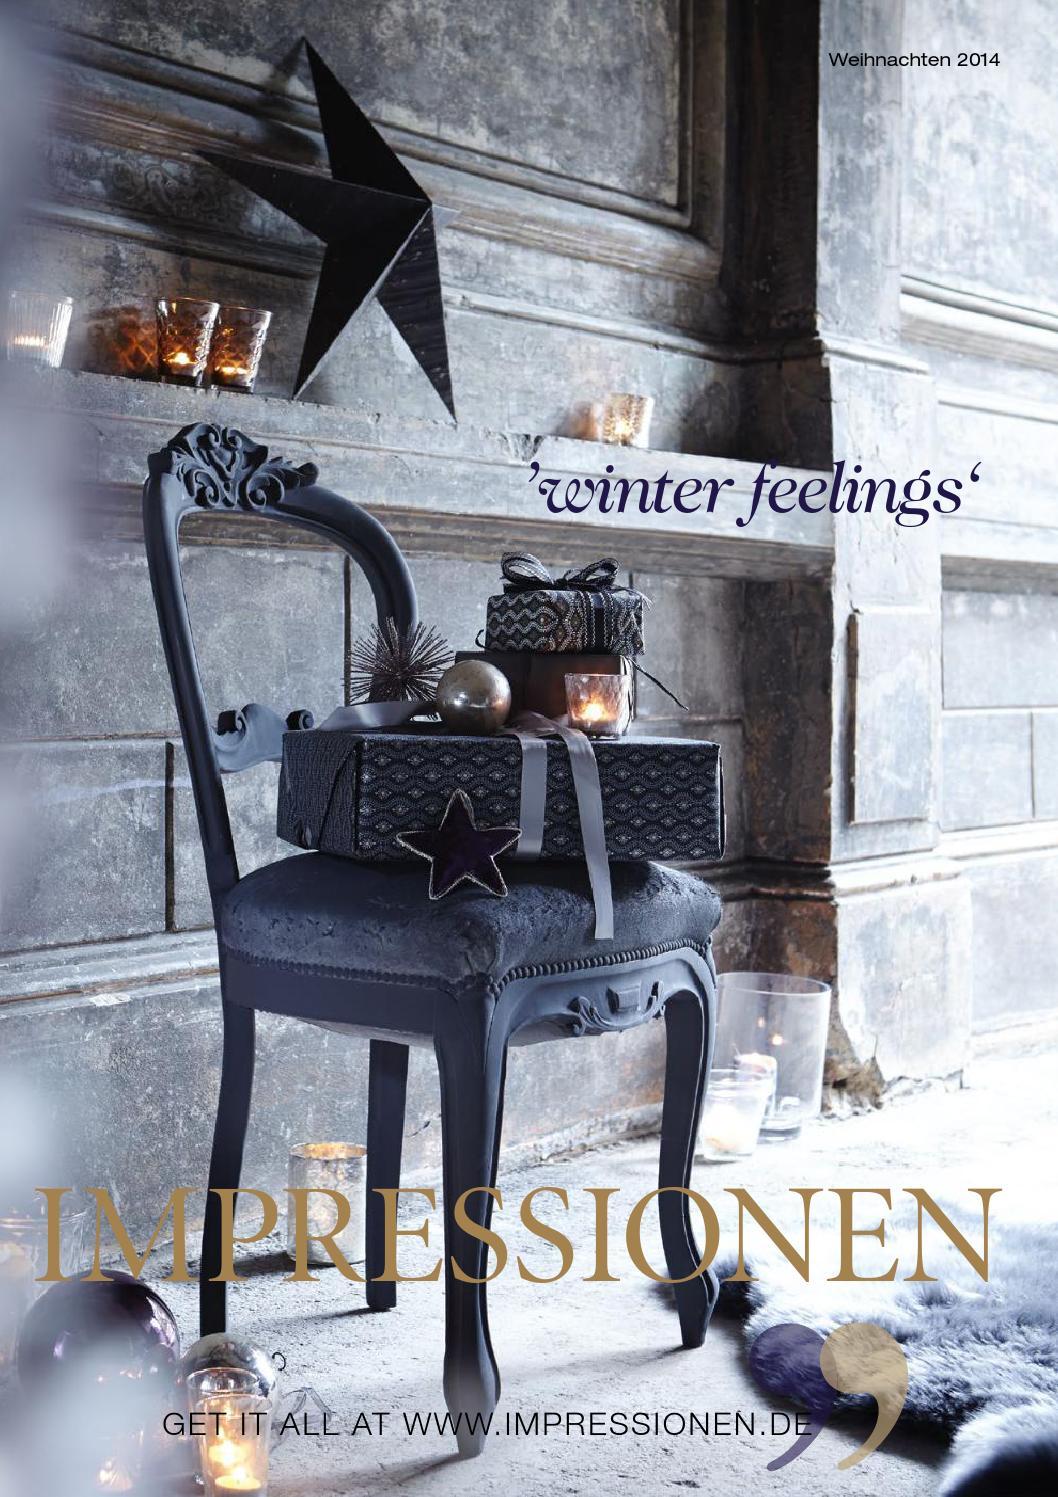 каталог Impressionen осень зима 201415 by CatalogCenter issuu